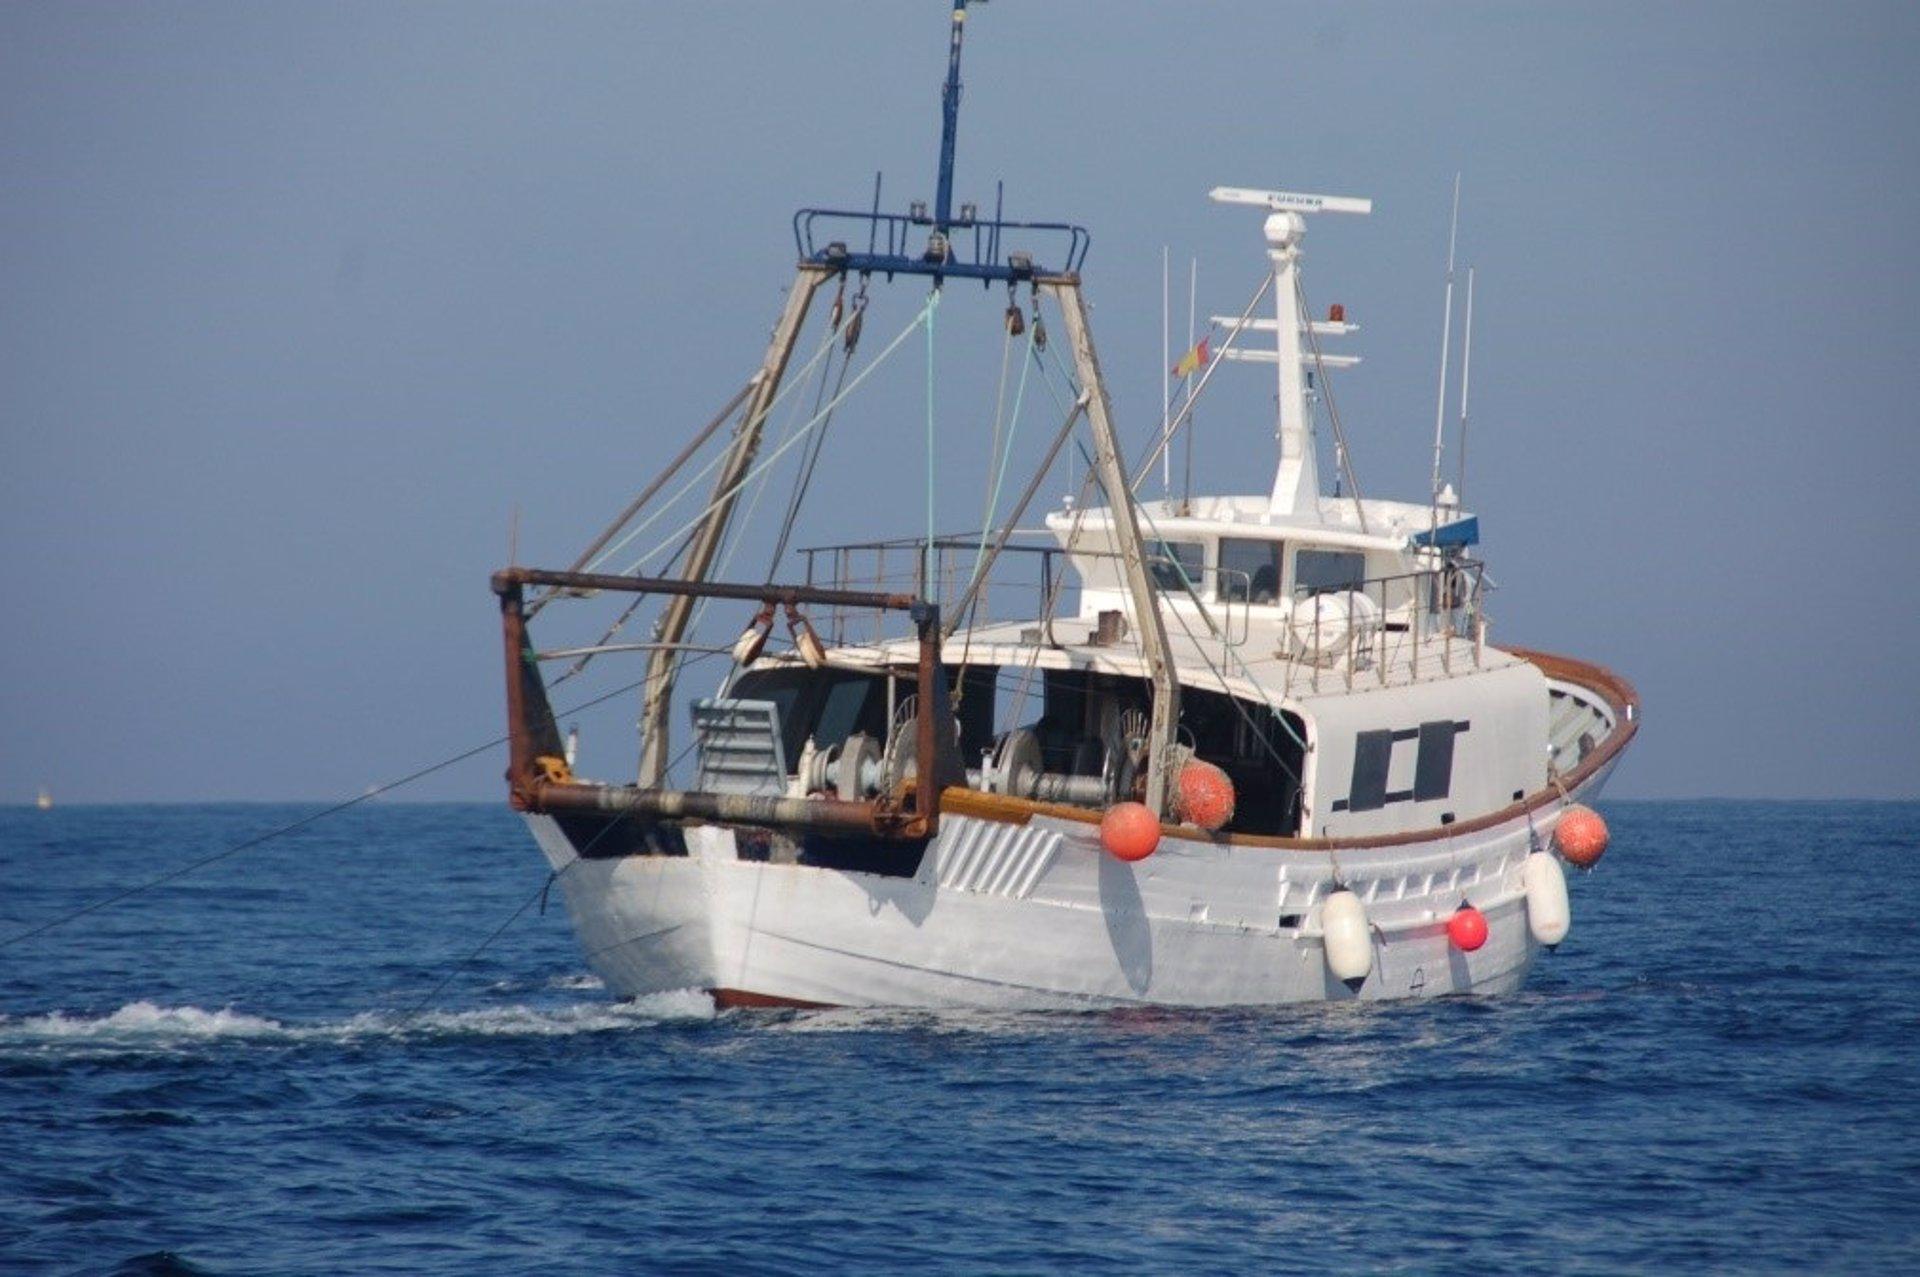 Los pescadores de Motril no saldrán a faenar el viernes en protesta por la gestión de Gobierno y Unión Europea